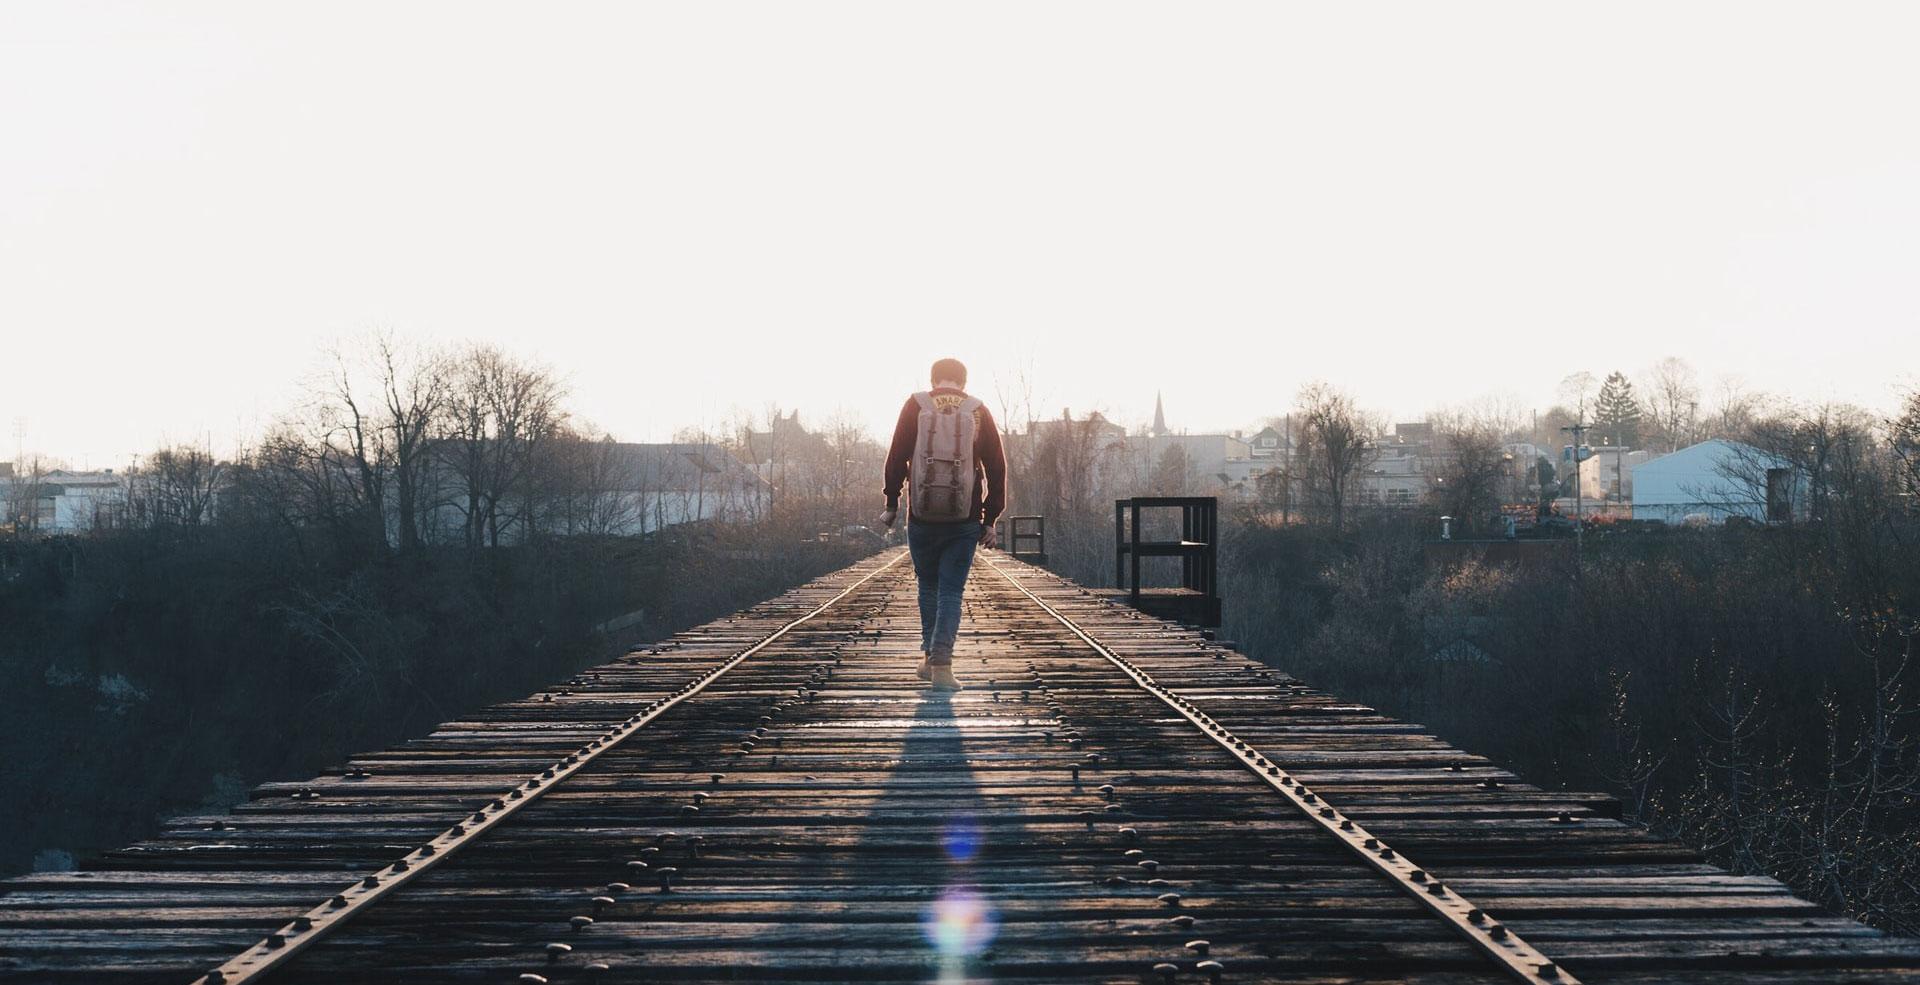 camino vías de tren